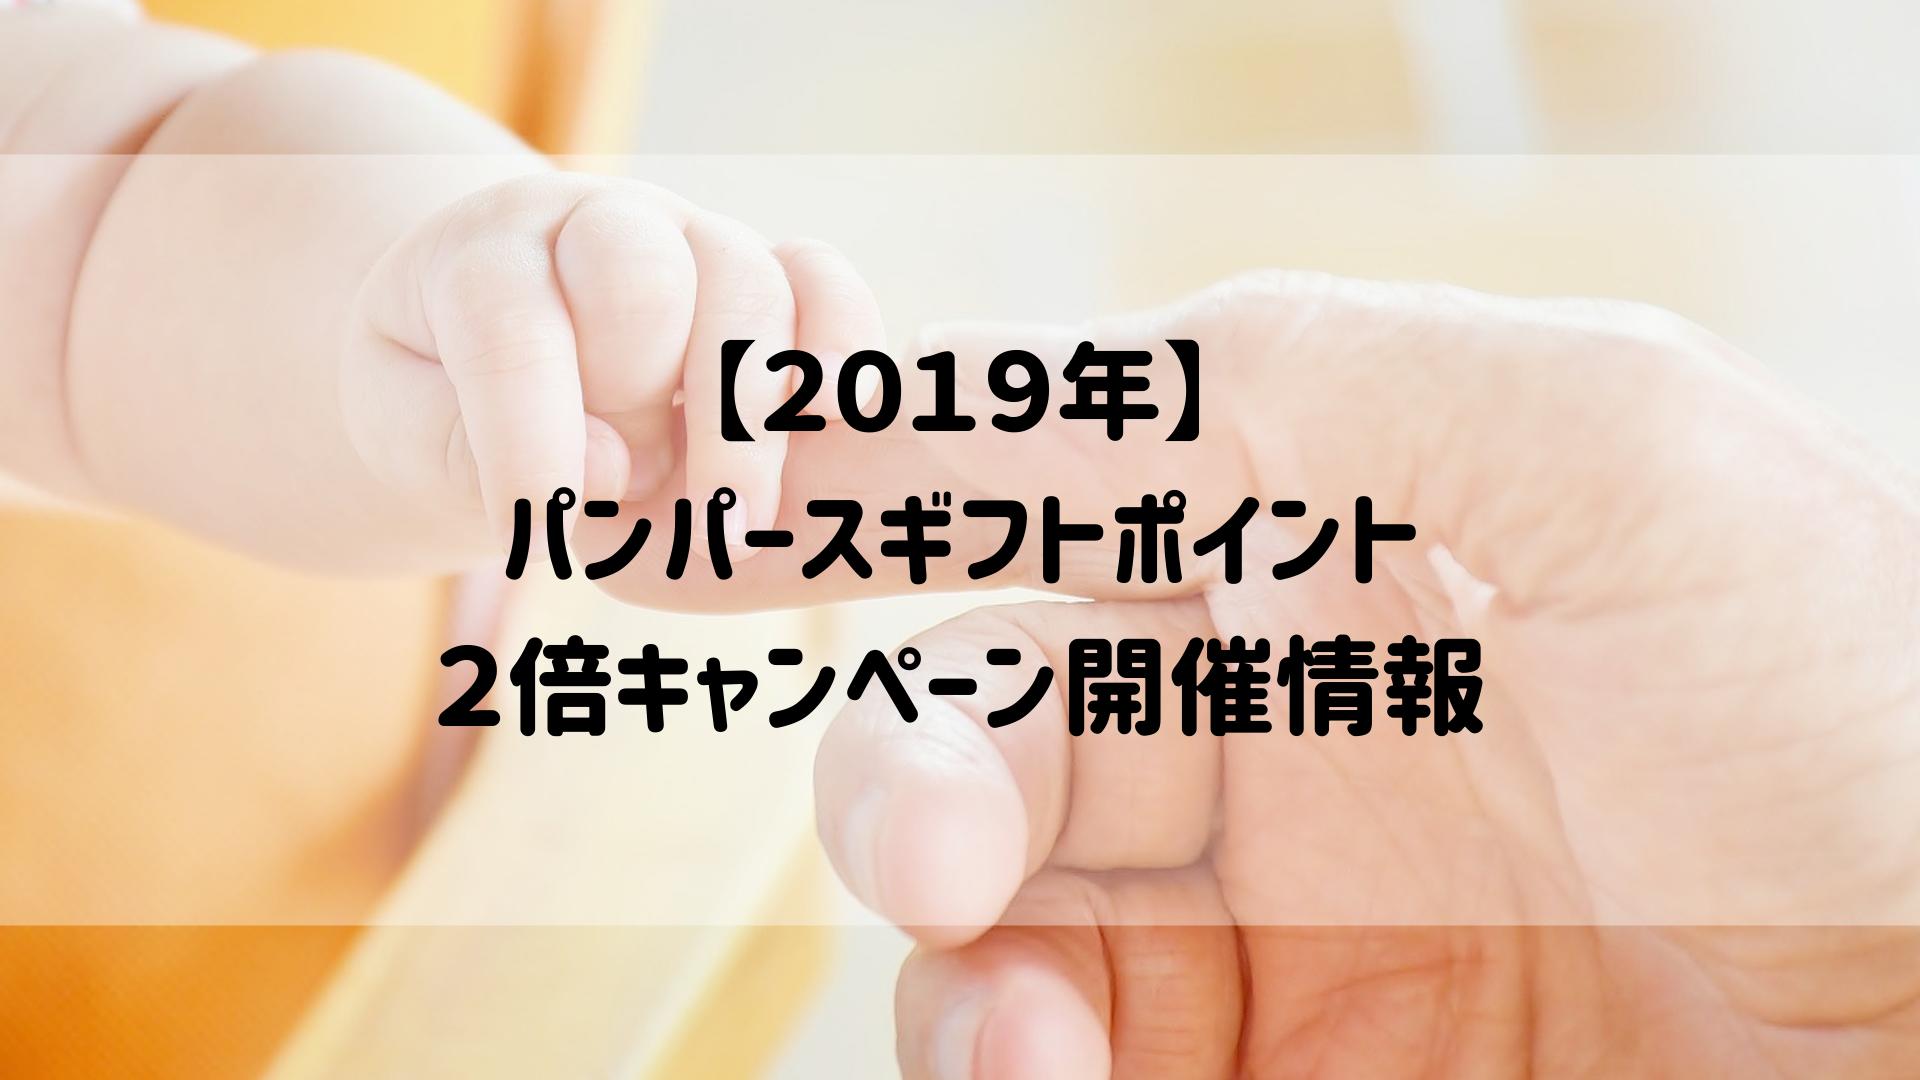 【2019年】 パンパースギフトポイント 2倍キャンペーン開催情報